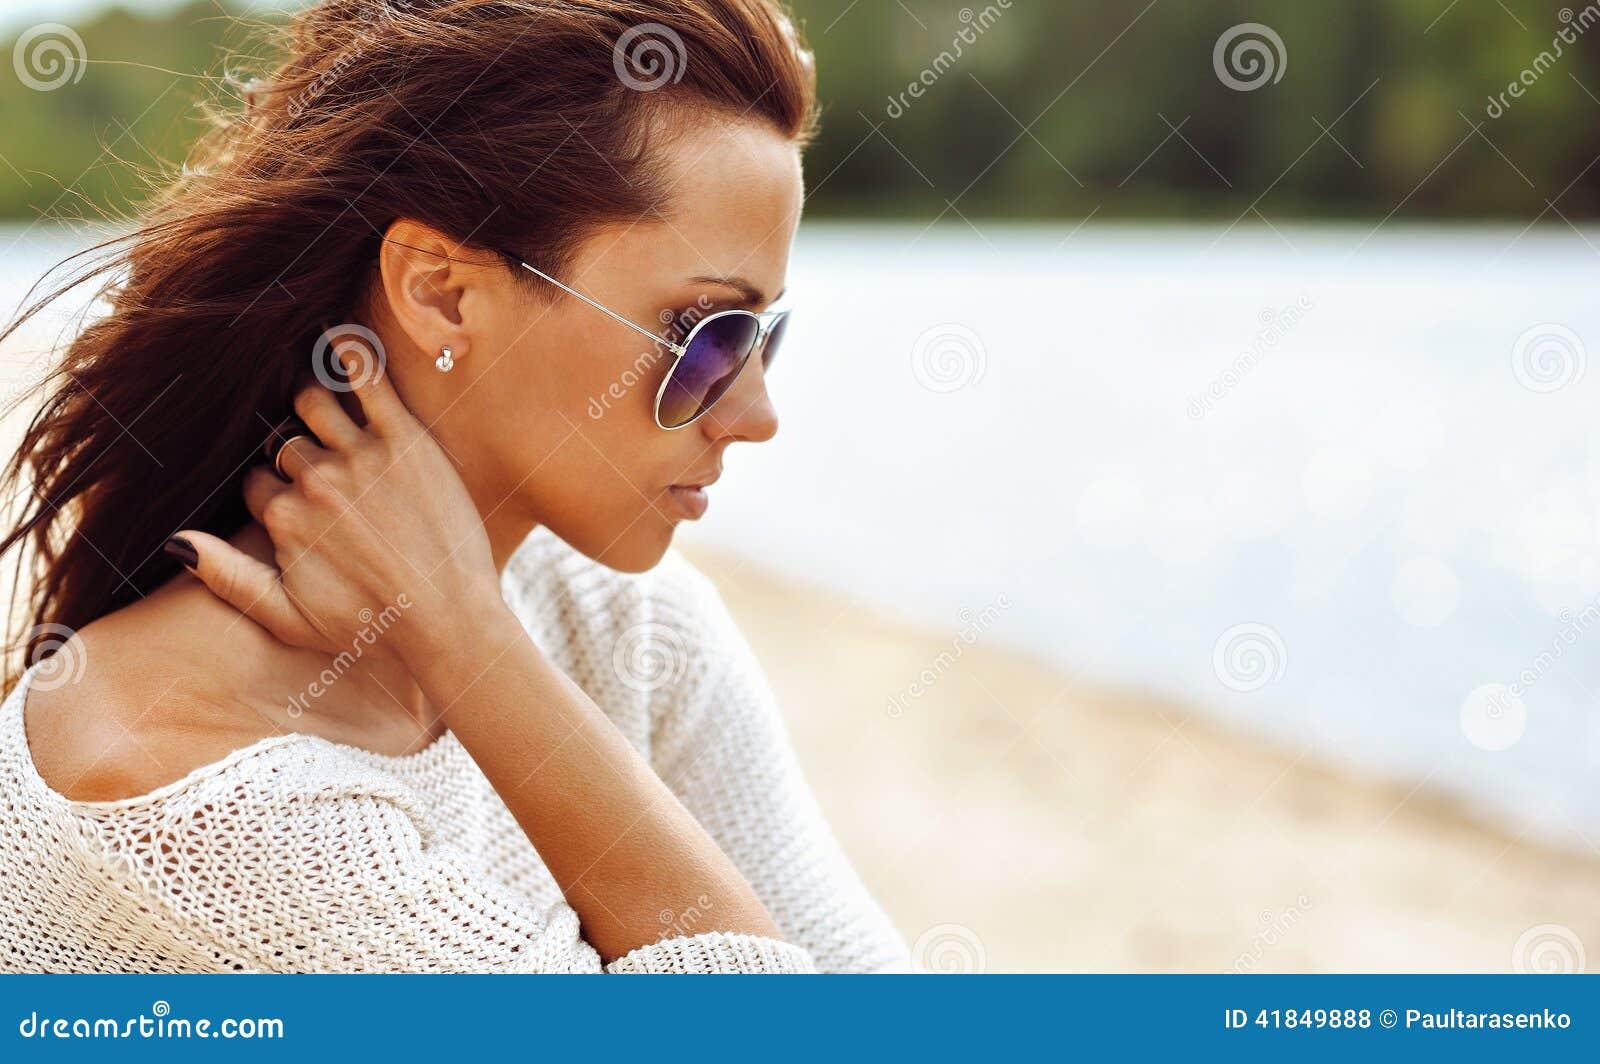 Profil Brune Lunettes Des Soleil D'une De Photo Femme Belle Dans 53Aj4RL